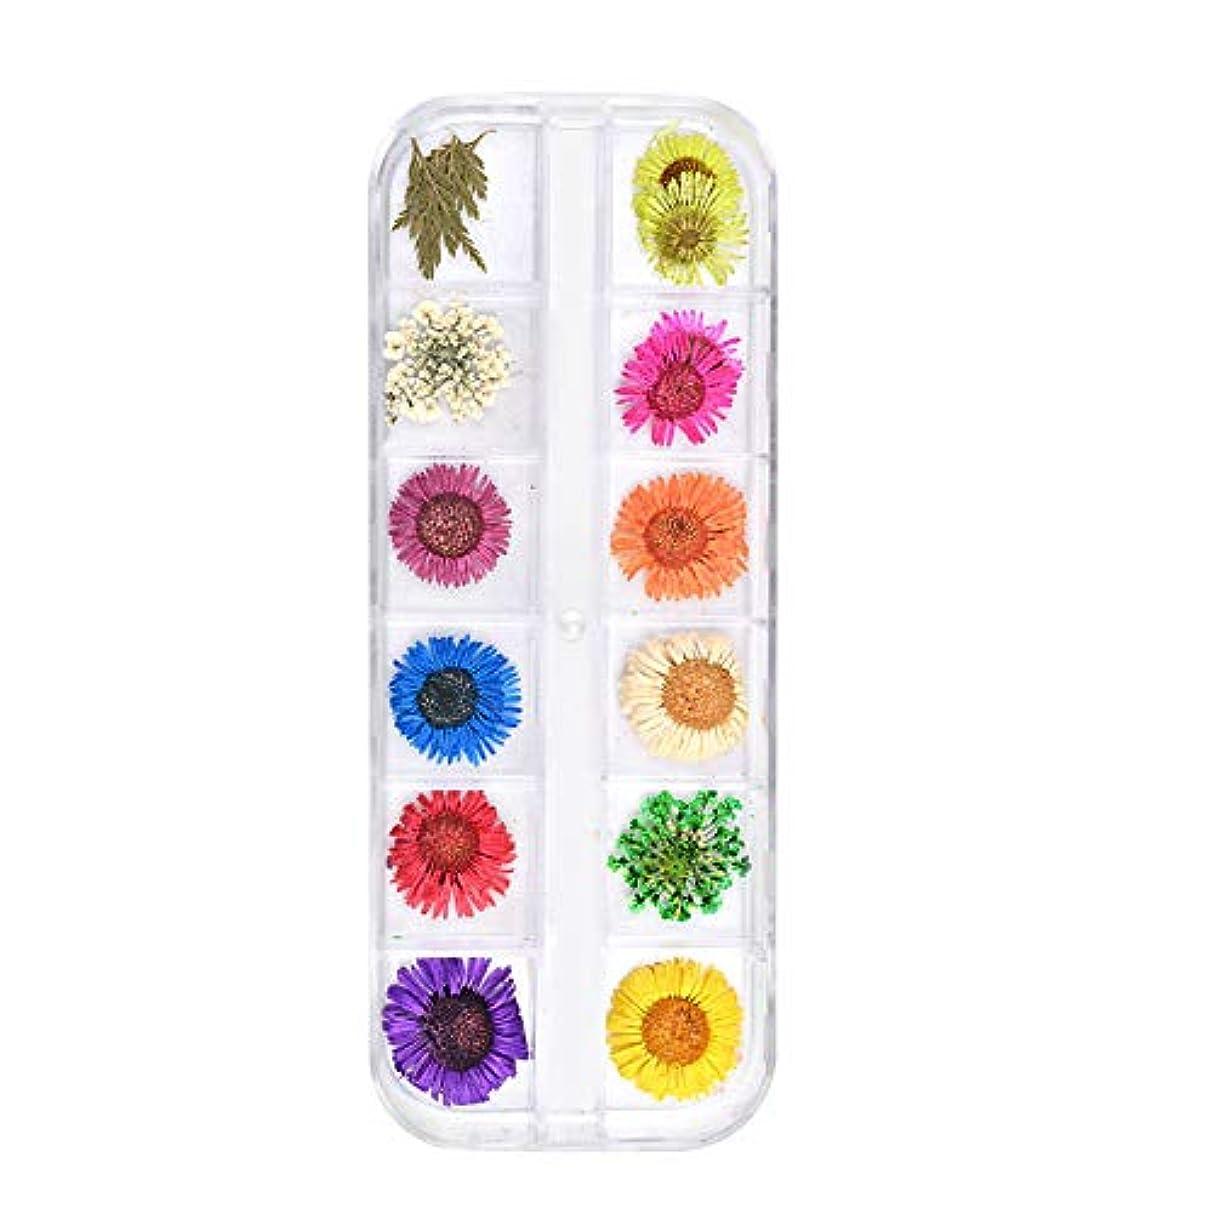 前任者同行圧縮する乾燥した花のネイルステッカードライフラワーを乾燥12色の花のネイルデコレーション自然リアルな3Dネイルステッカーネイル用品デイジーBセクション